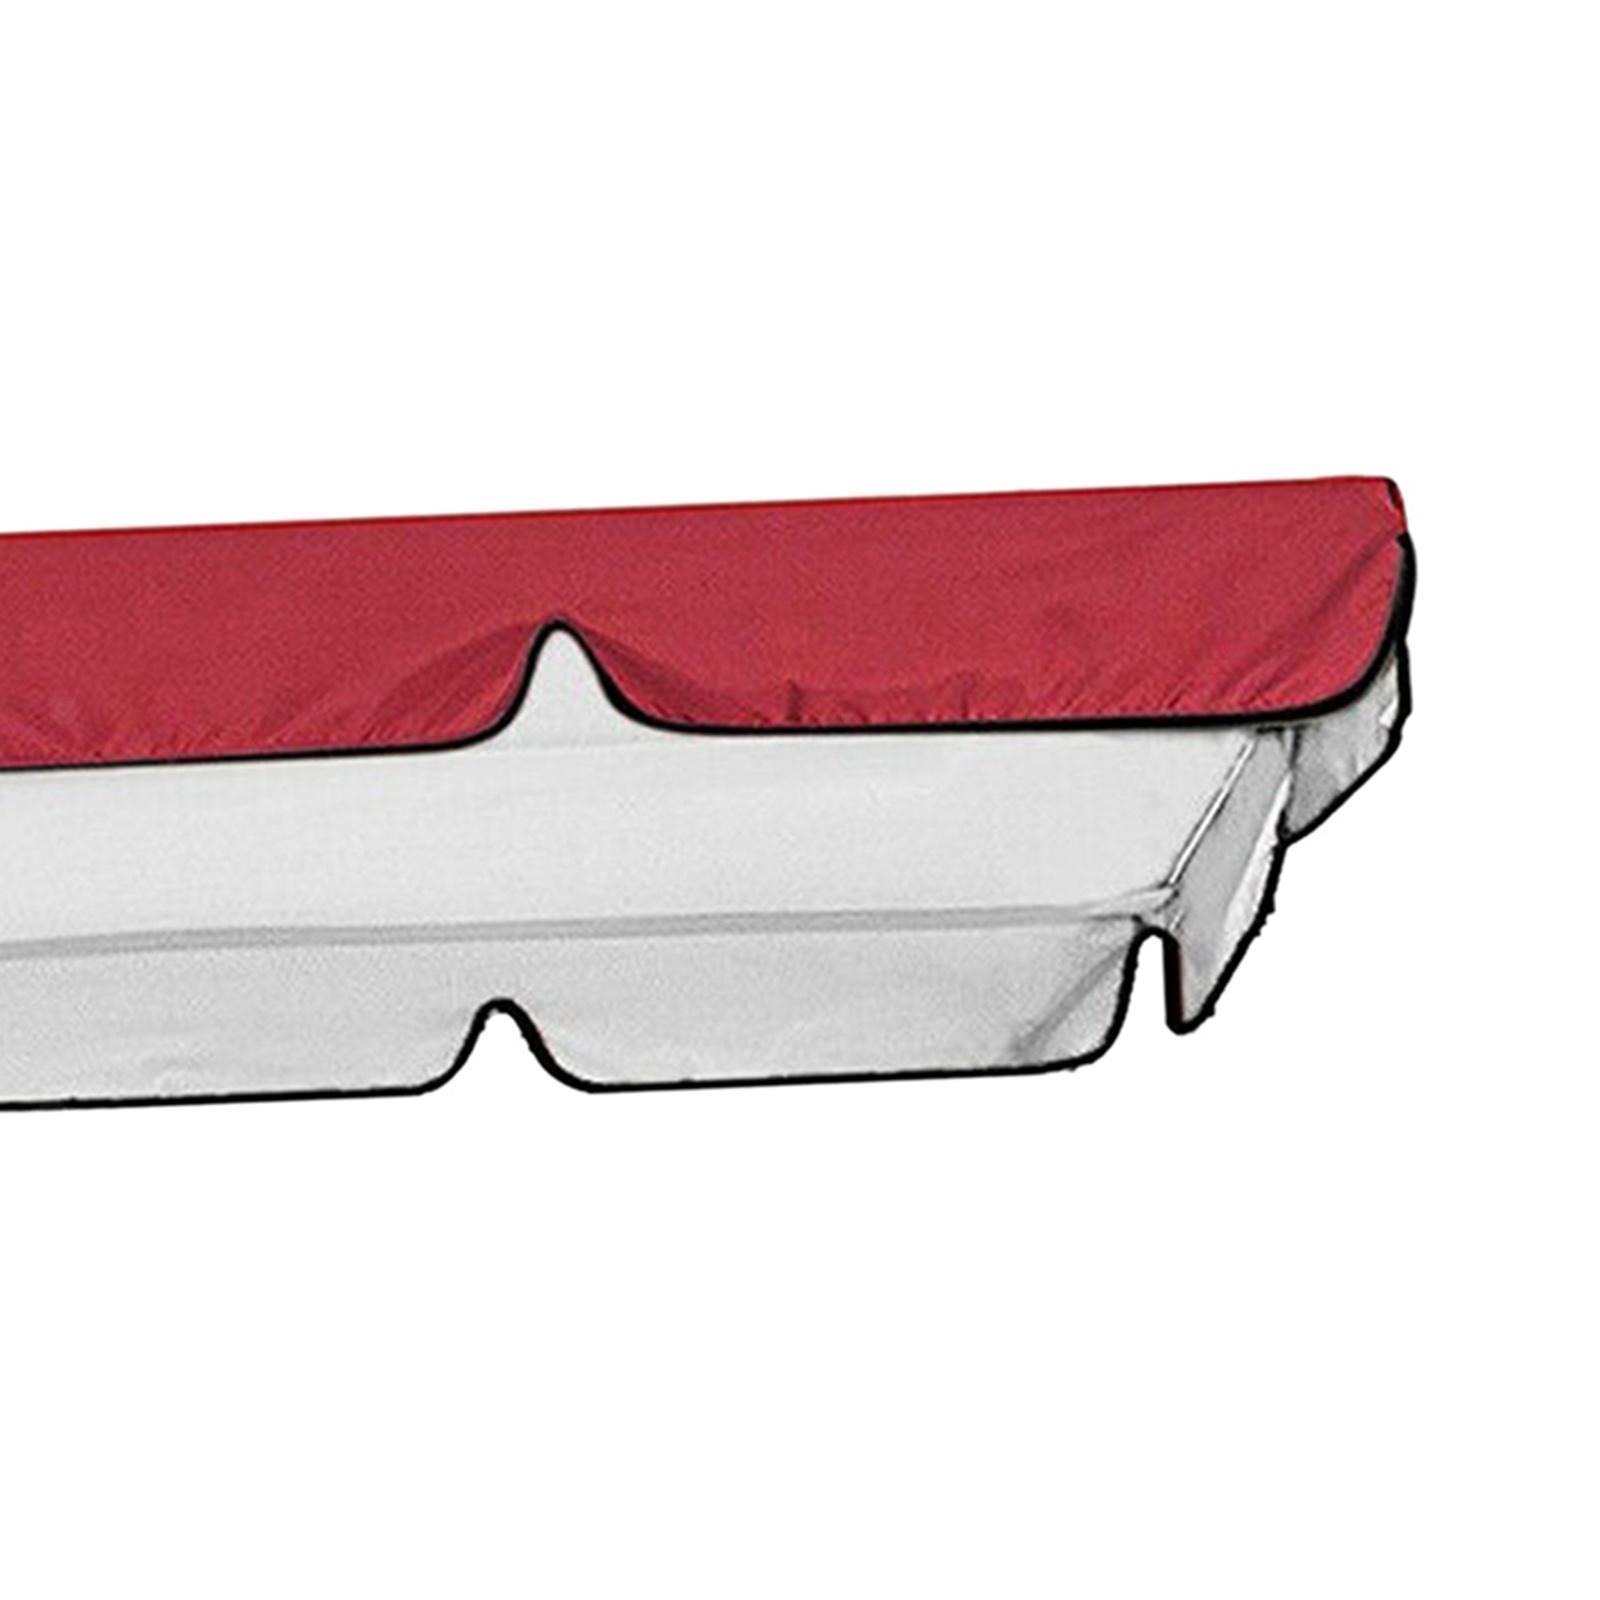 miniatura 47 - Copertura superiore della sedia a dondolo da giardino per esterni con